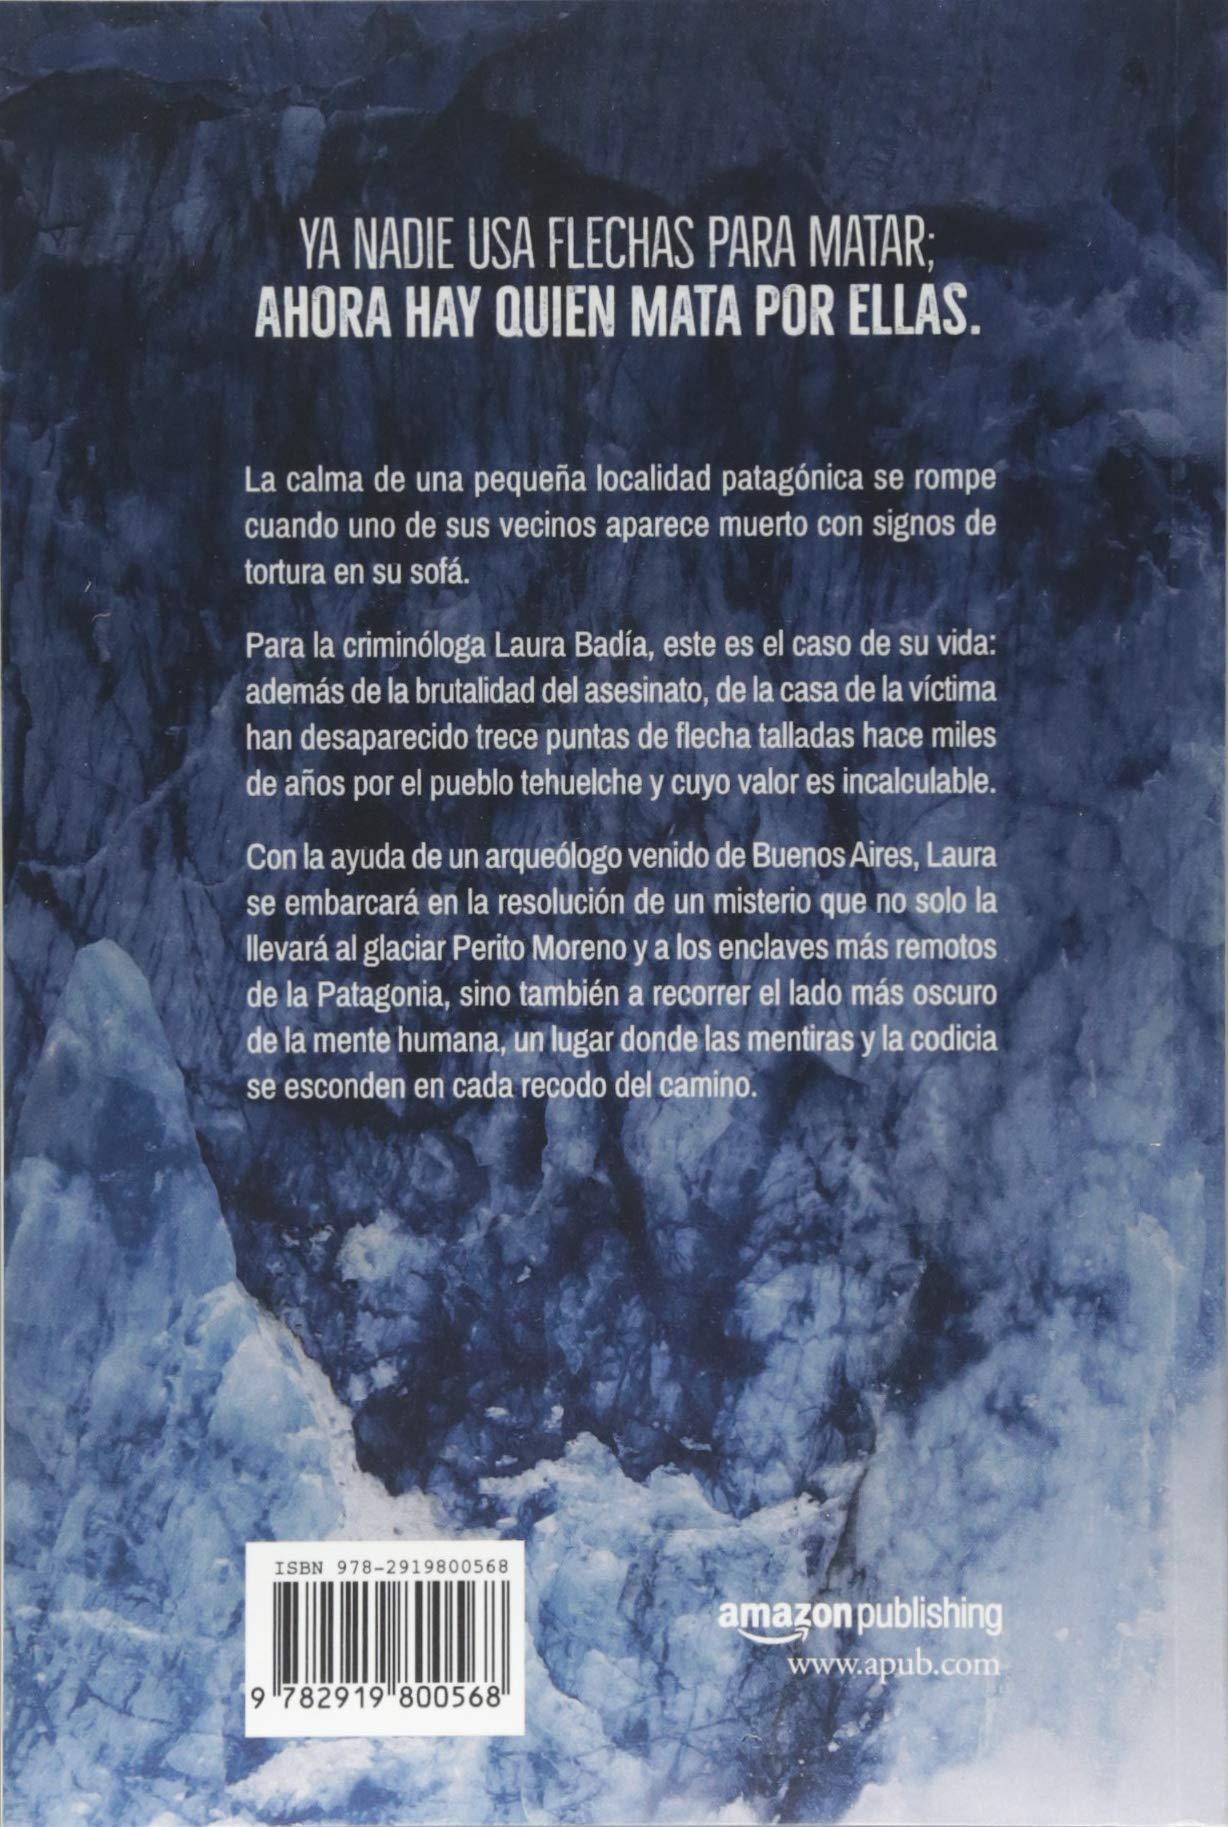 Amazon.com: El coleccionista de flechas (Spanish Edition) (9782919800568):  Cristian Perfumo: Books